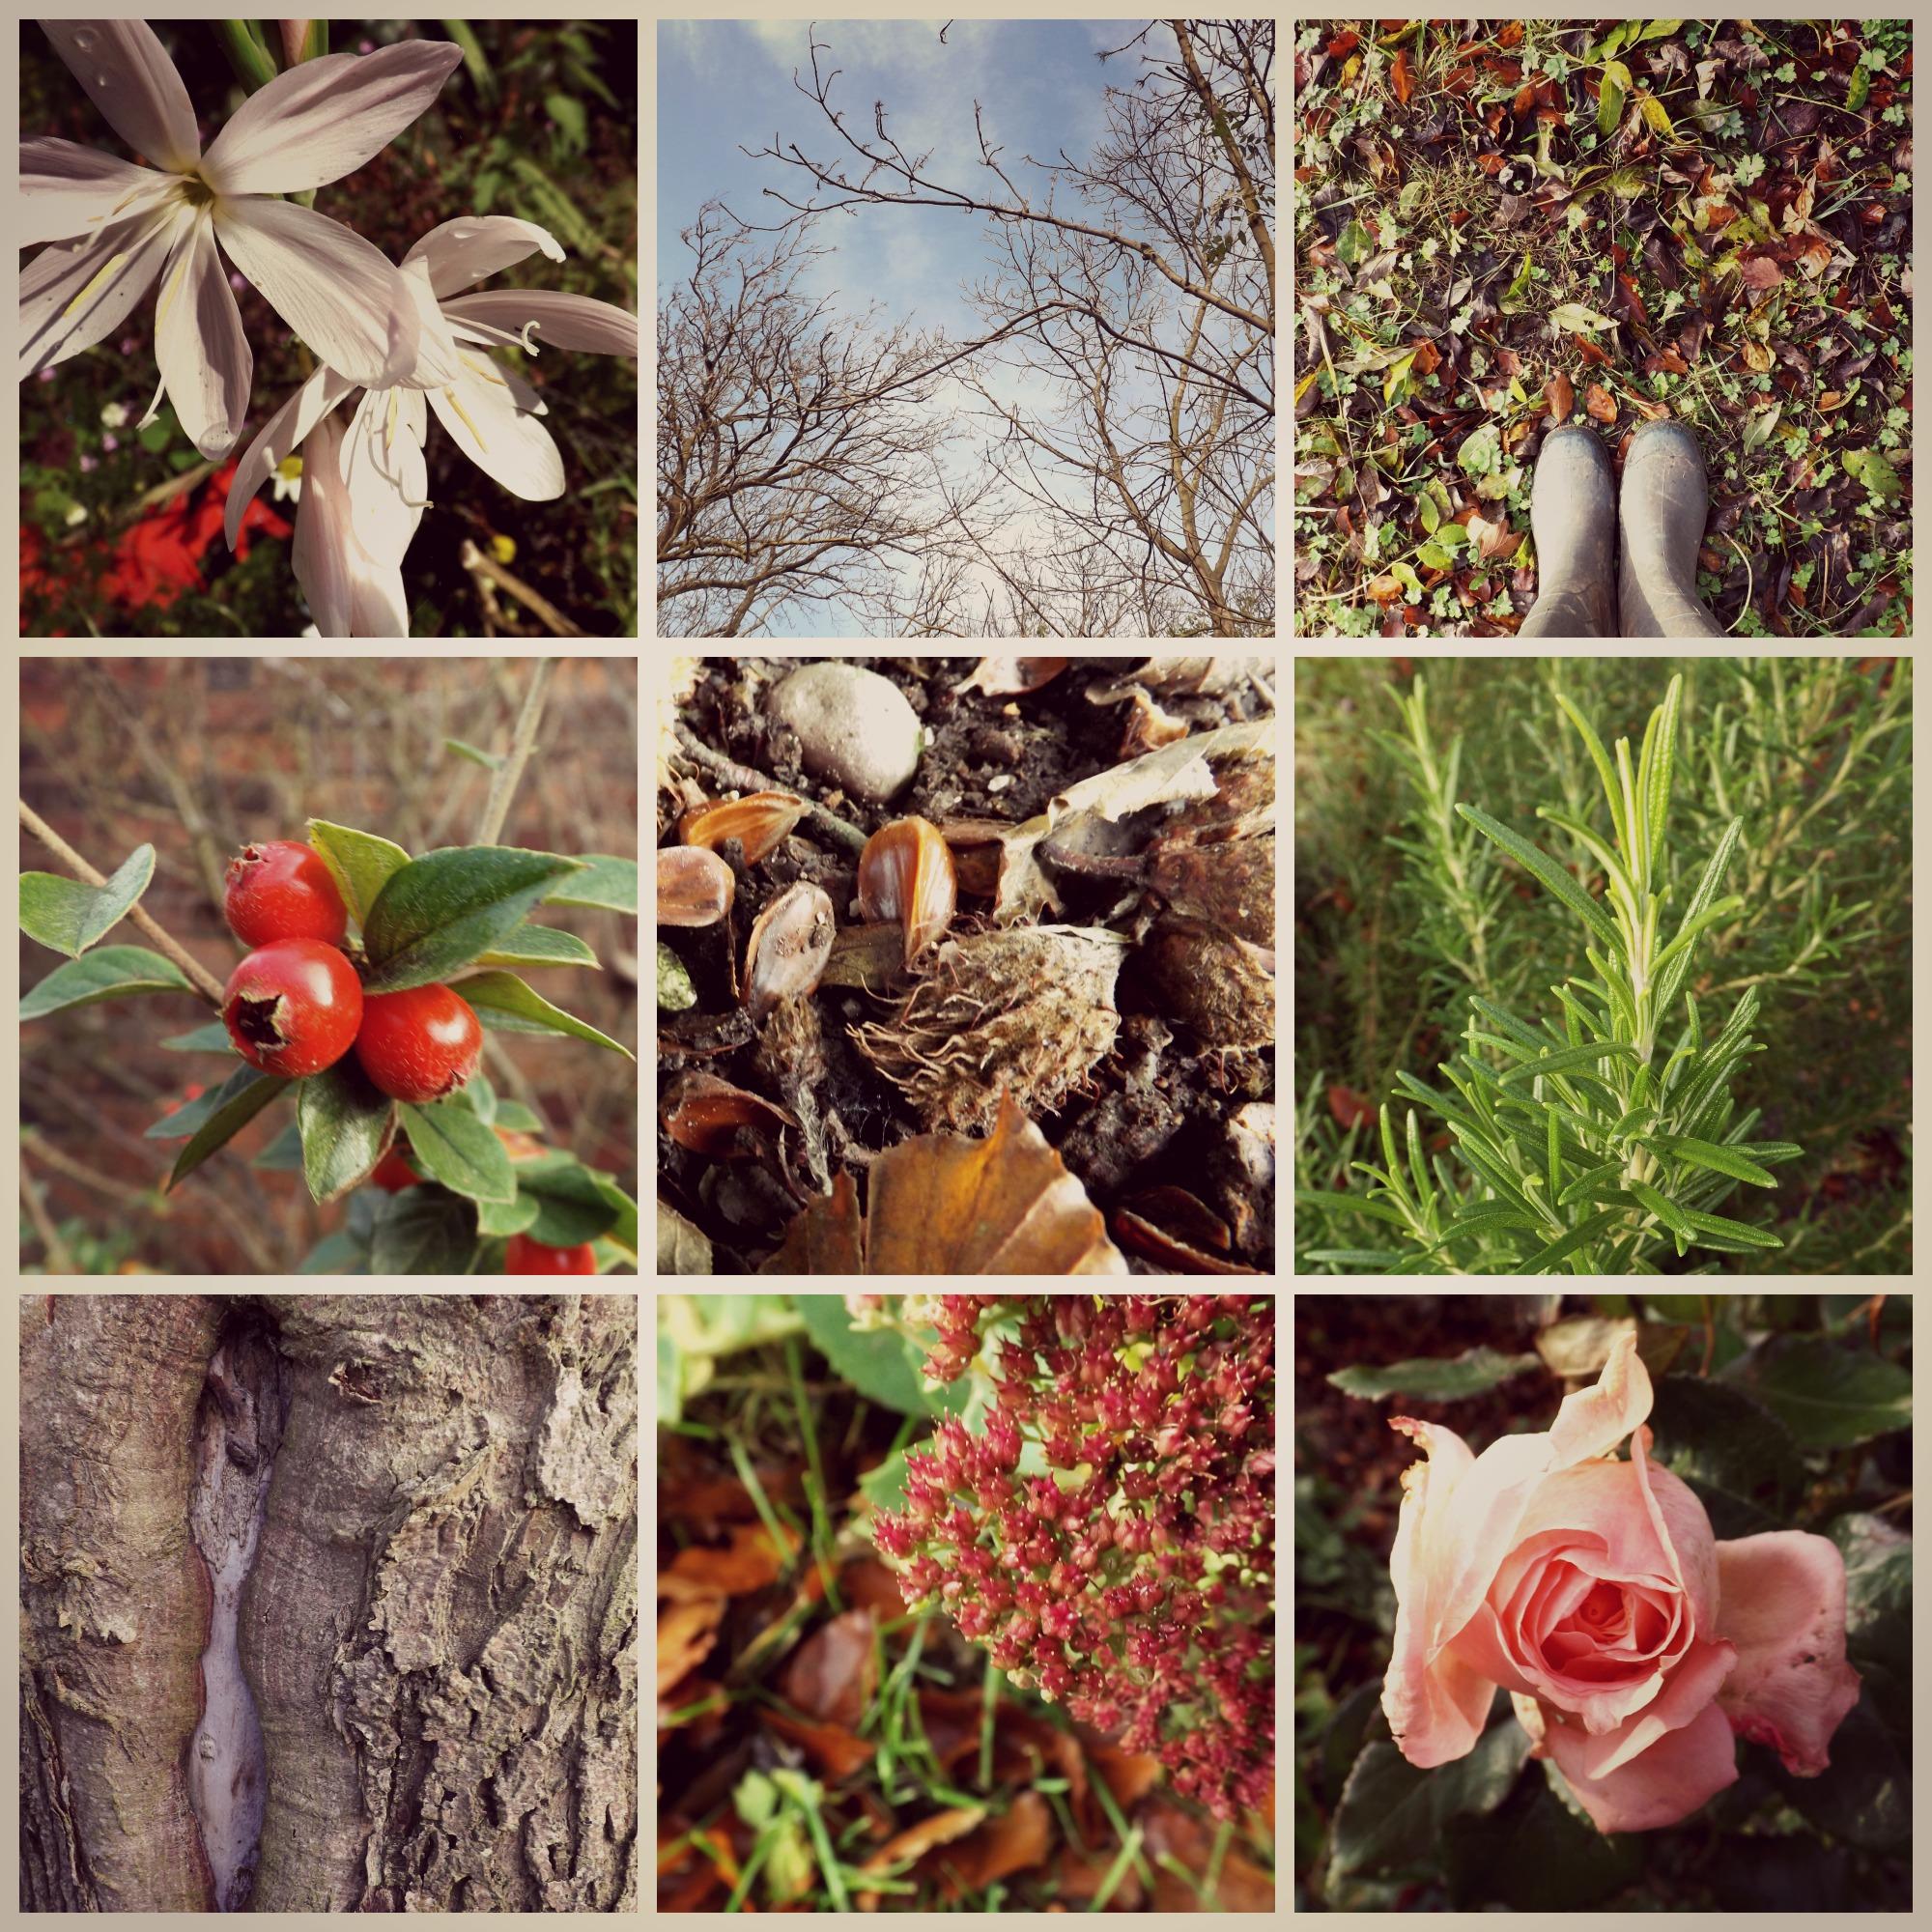 Autumn-Garden-Creative-Countryside